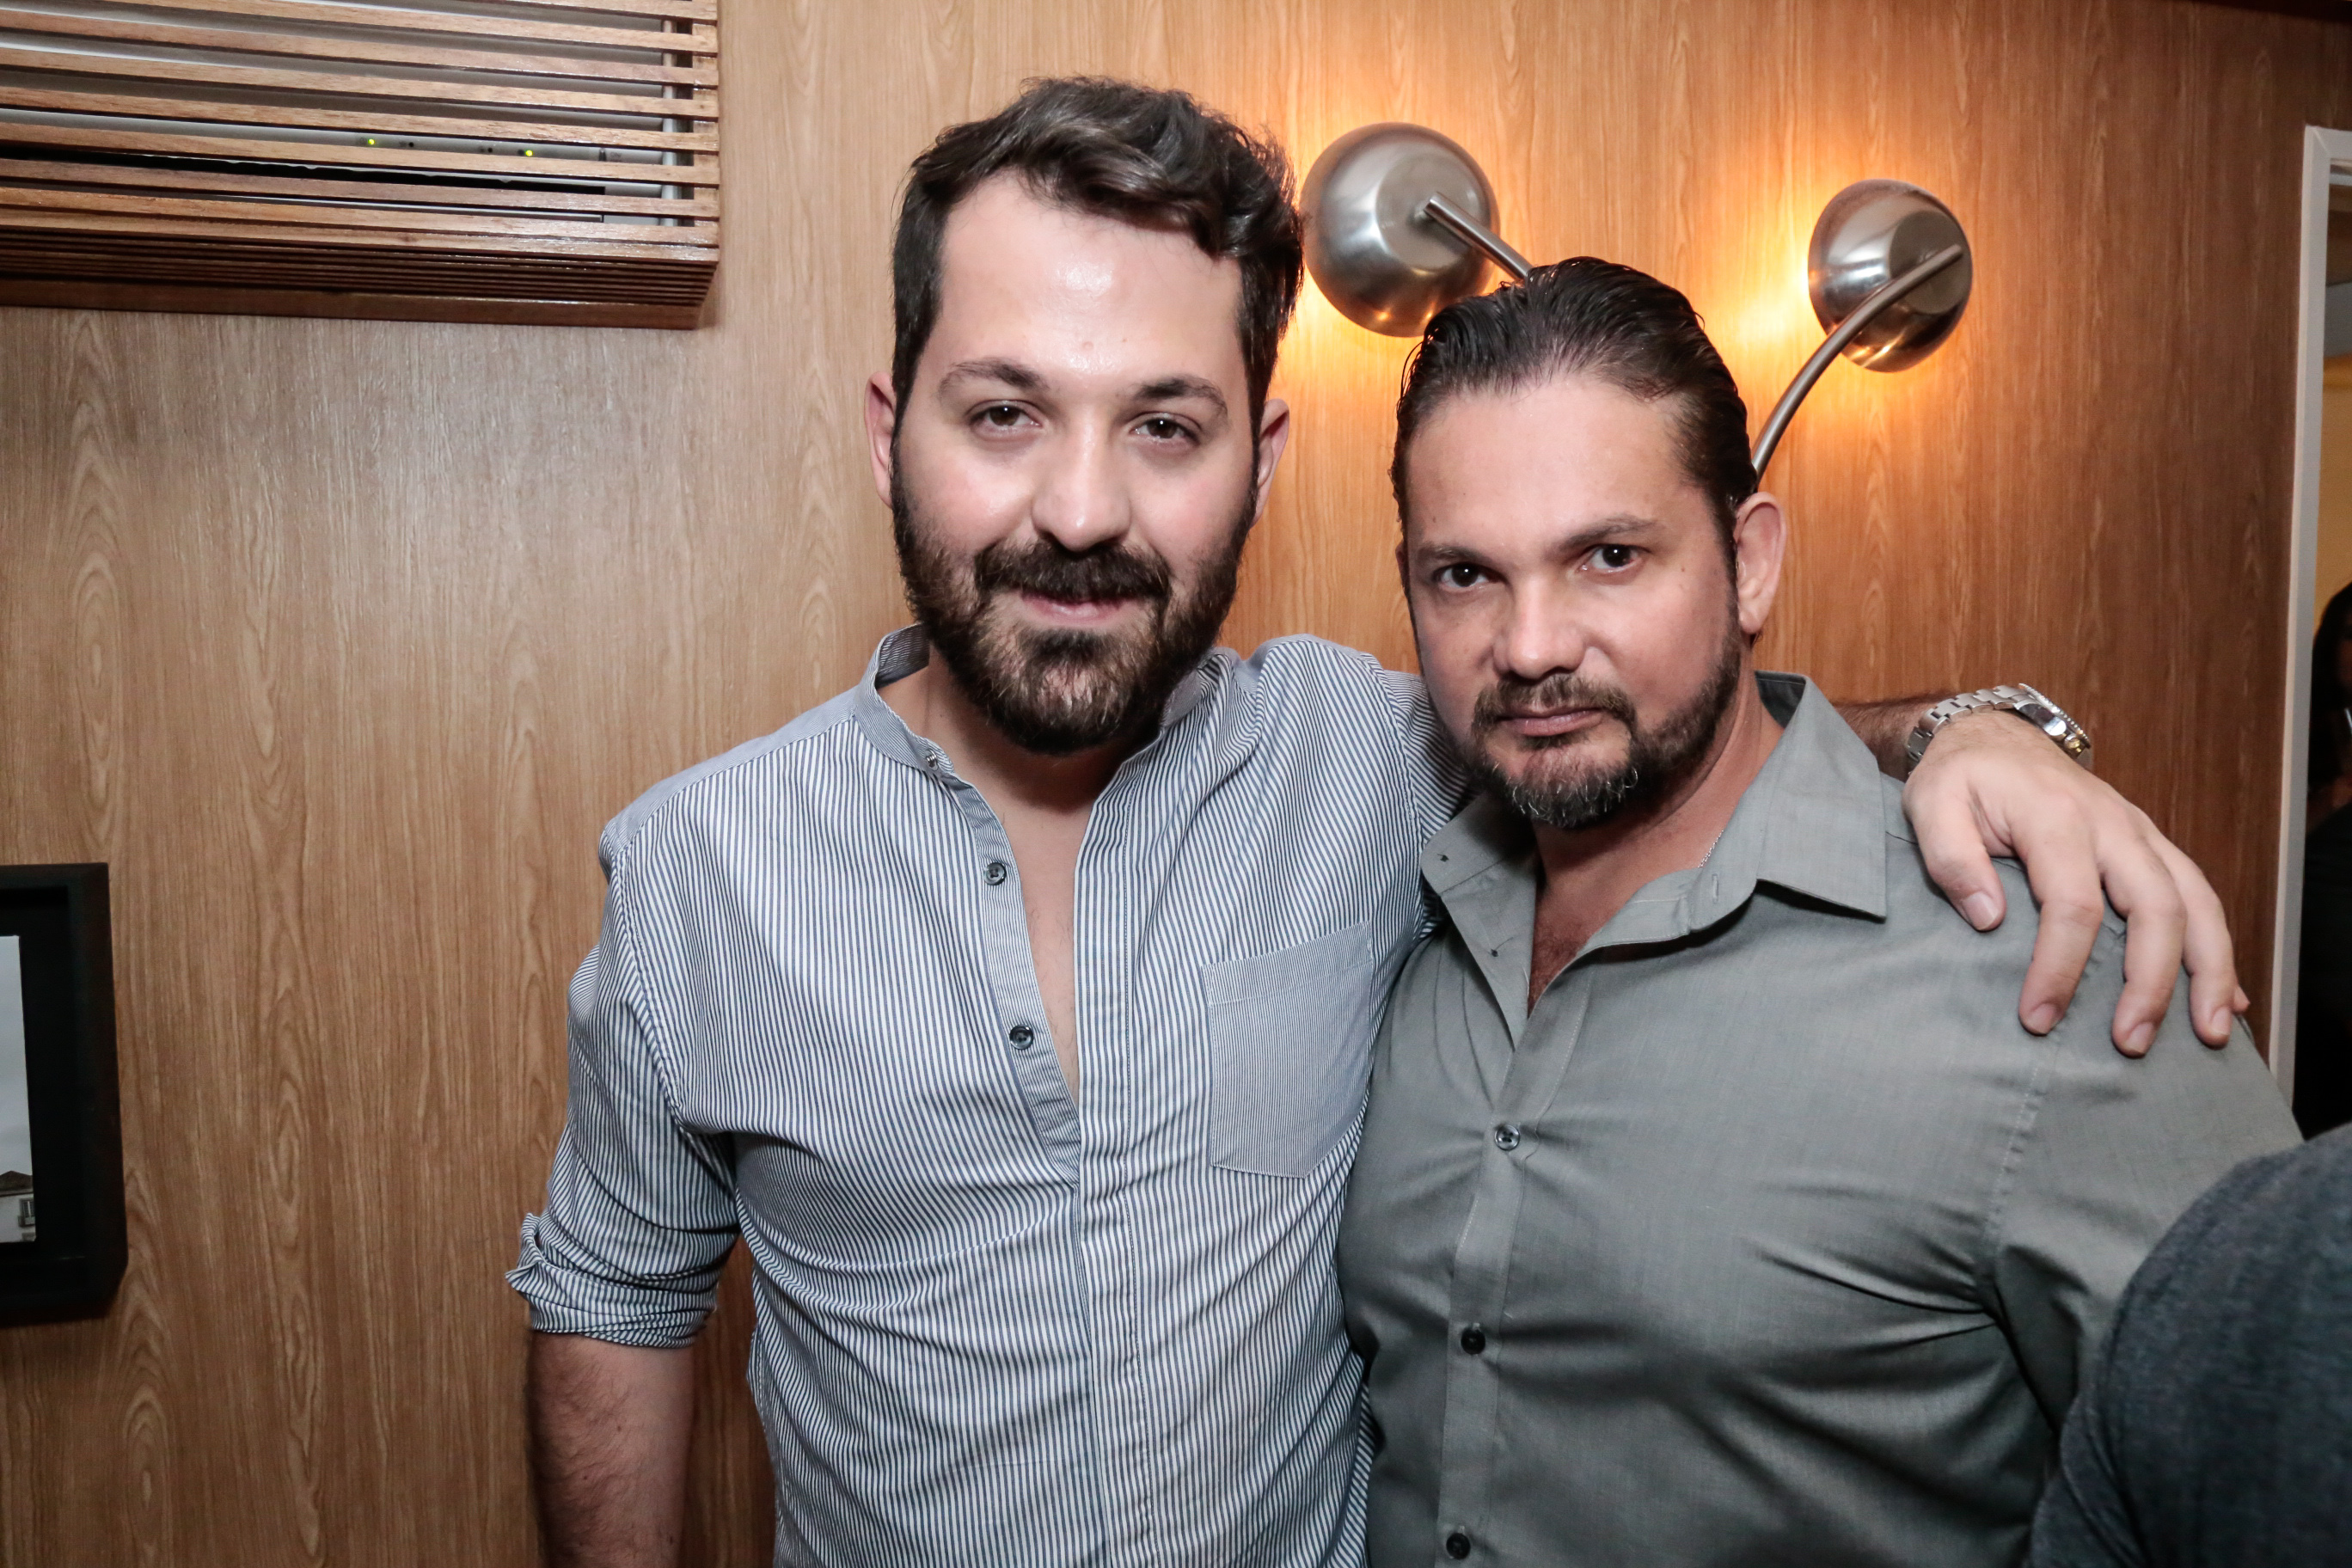 Eduardo Amarante e Douglas Wanderley - Crédito: Gleyson Ramos/Divulgação